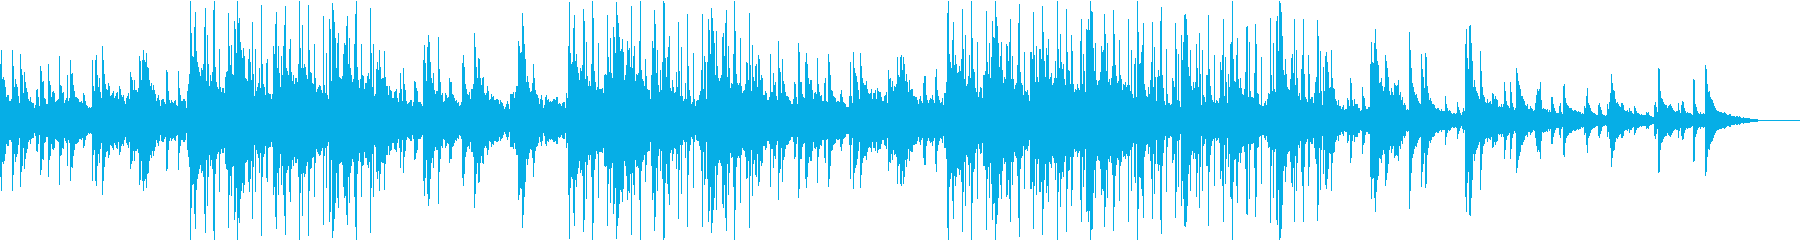 ほっこりとまどろむようなJazzyな曲の再生済みの波形